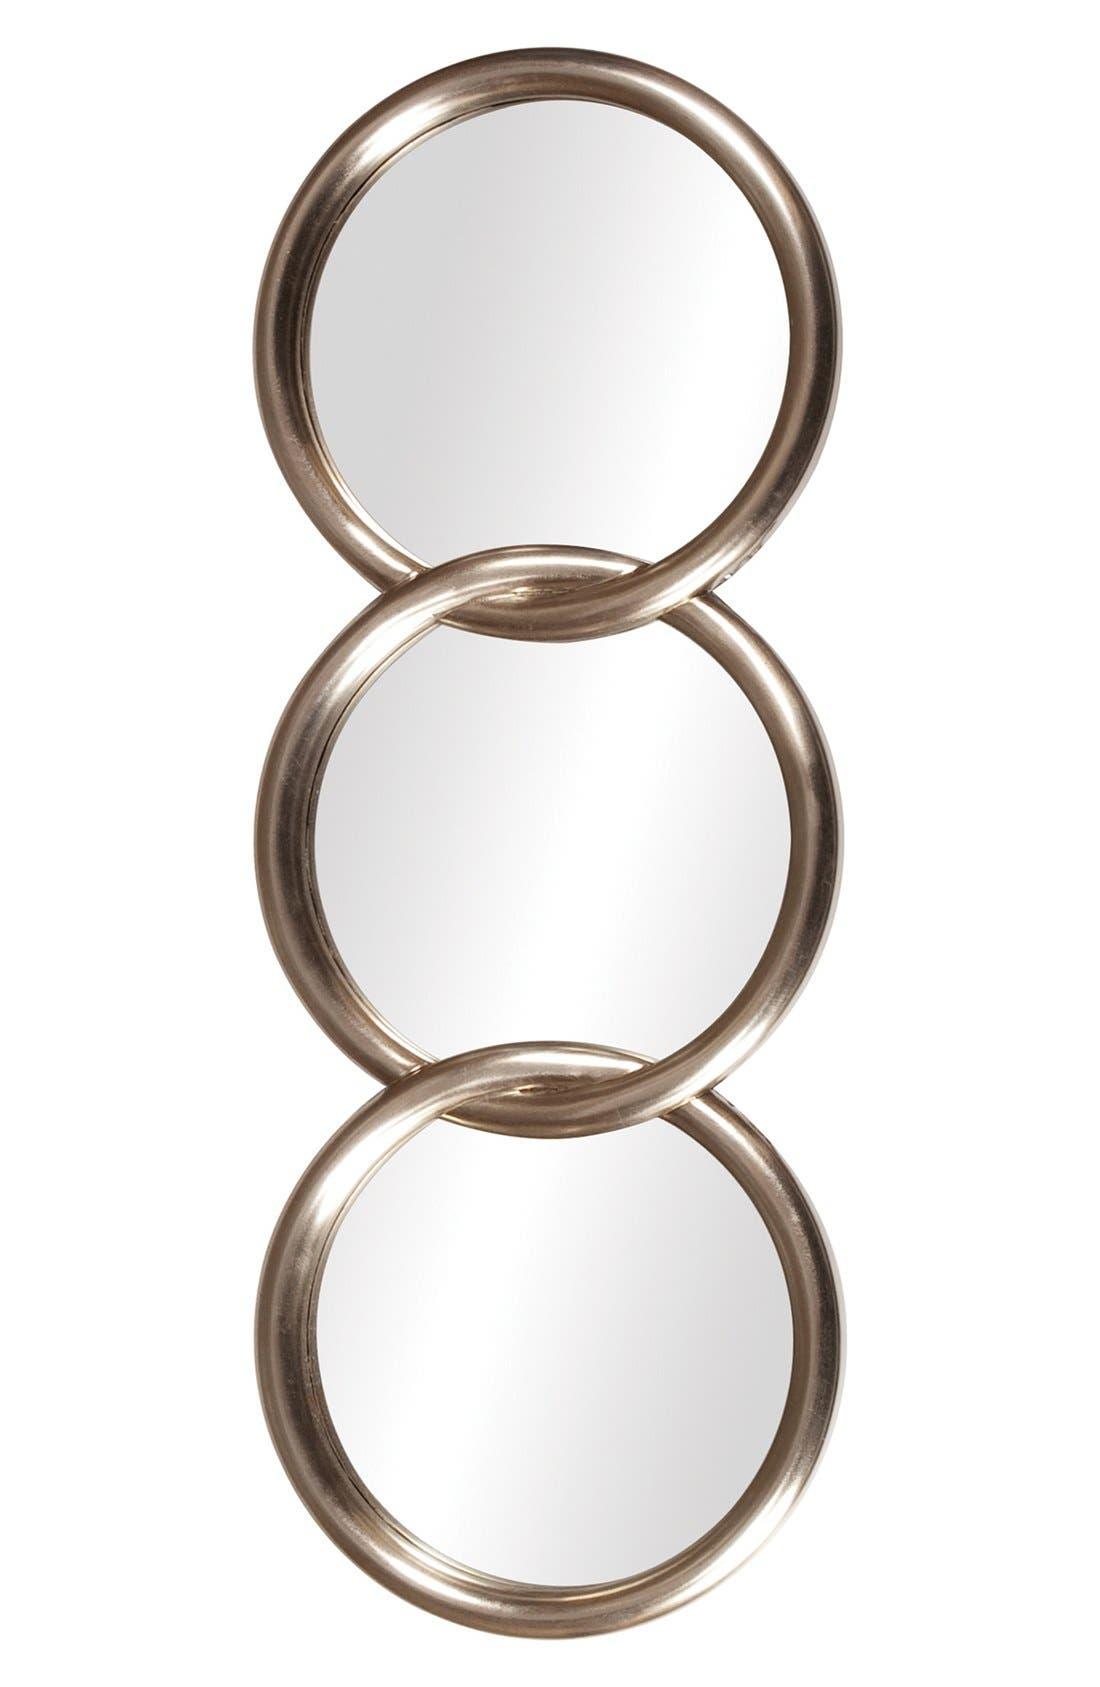 Alternate Image 1 Selected - Howard Elliott Collection 'Mercer' Mirror